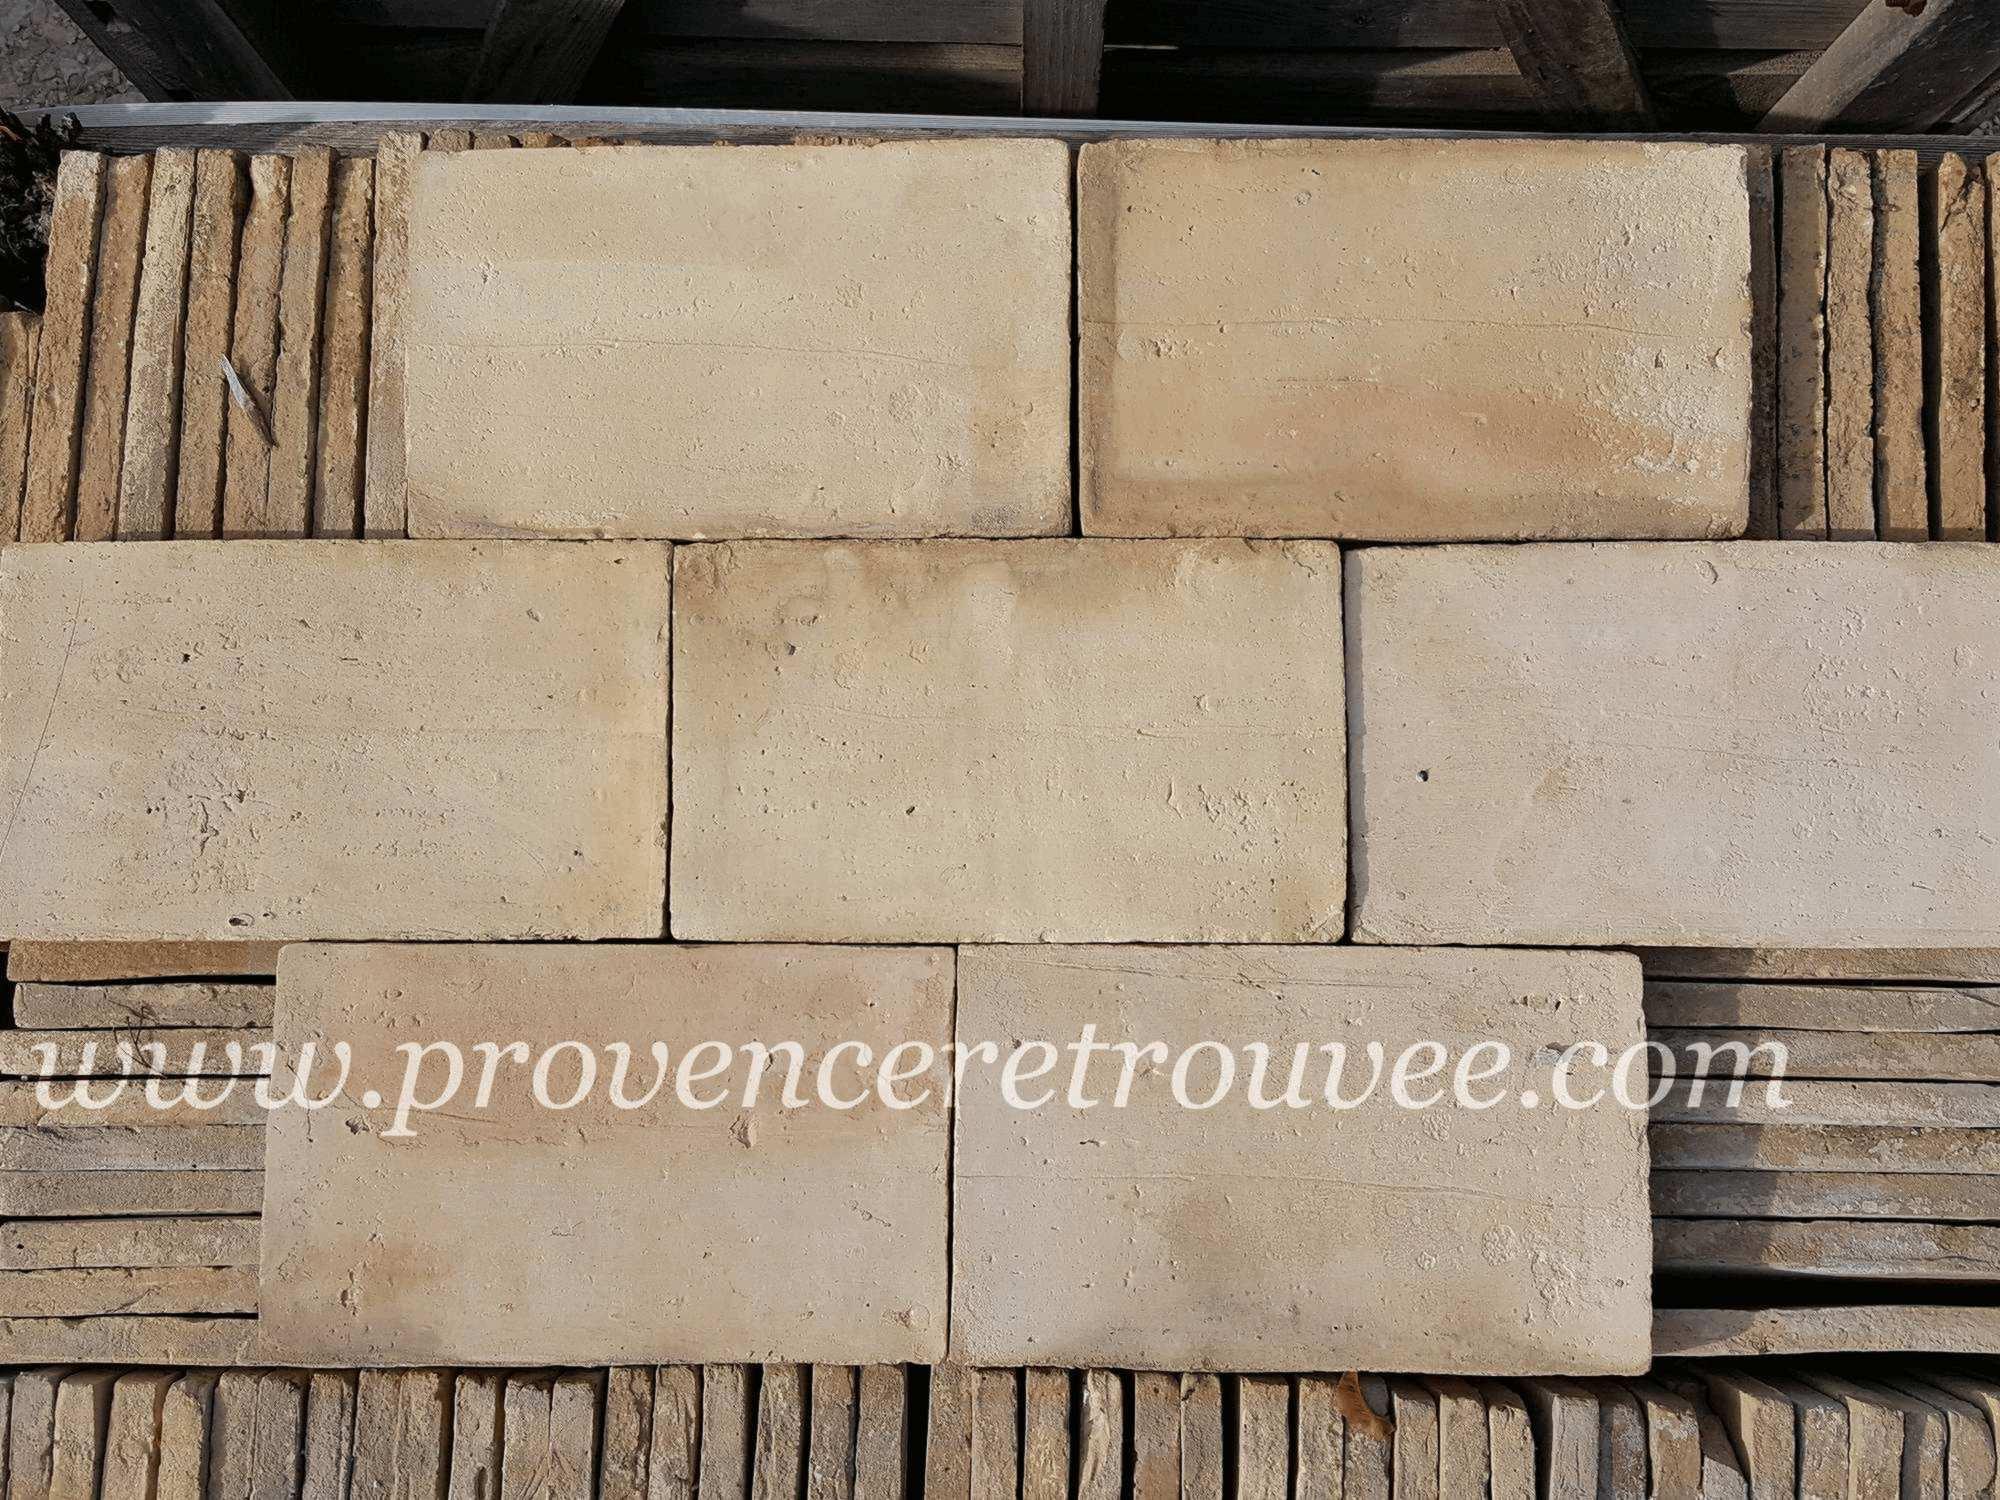 Carrelage rouge ancien fabulous carrelage ciment for Carrelage imitation tomette ancienne